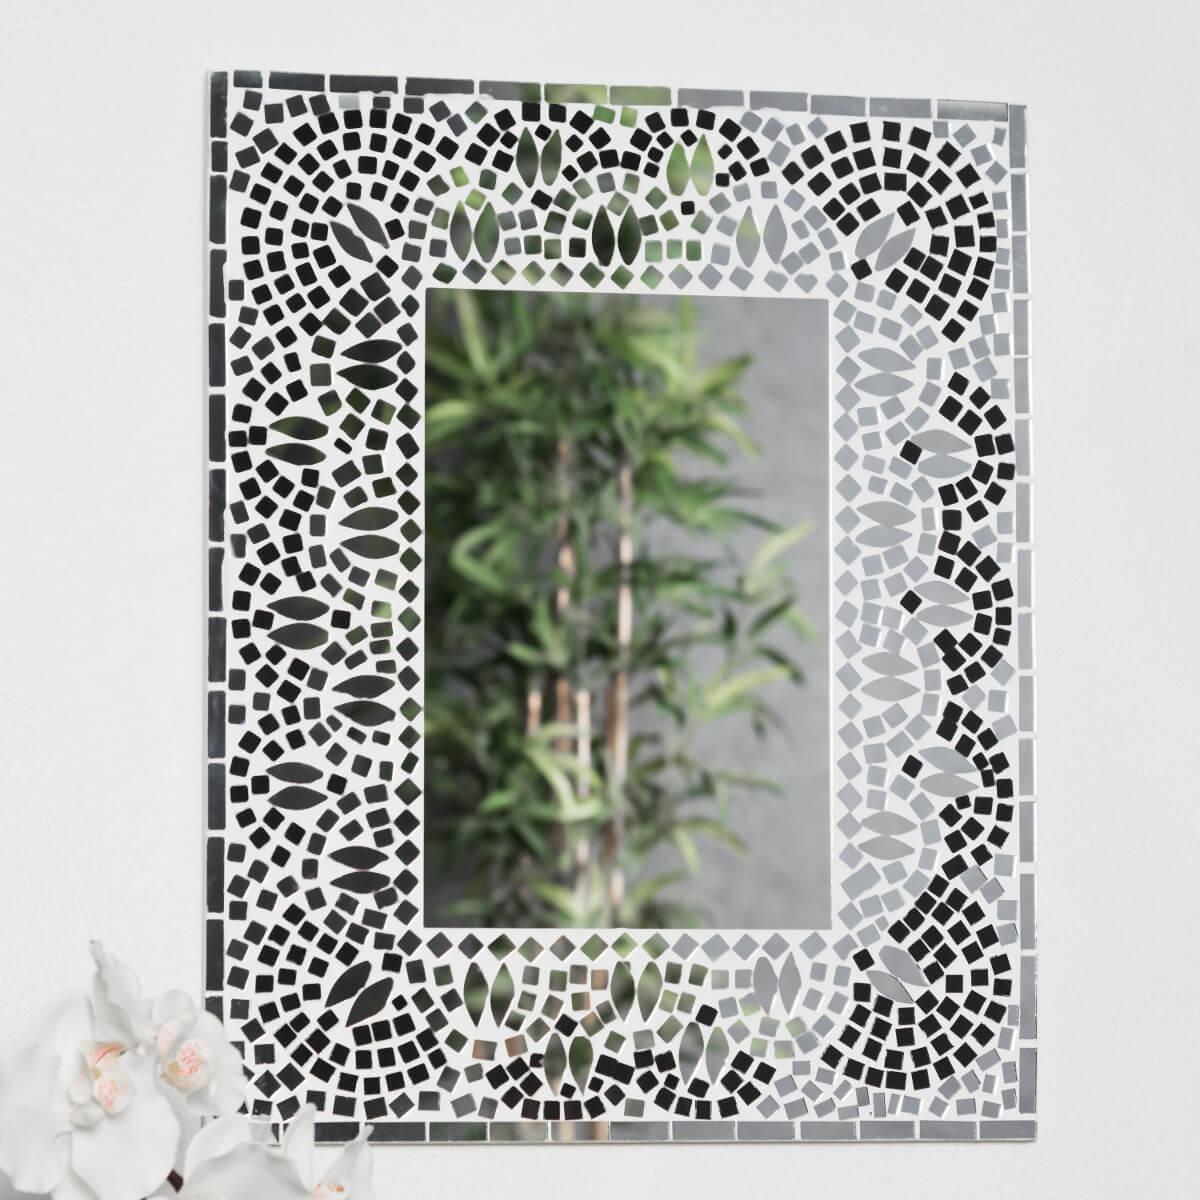 miroir mosaique design noir et blanc 40cm x 50cm salon chambre